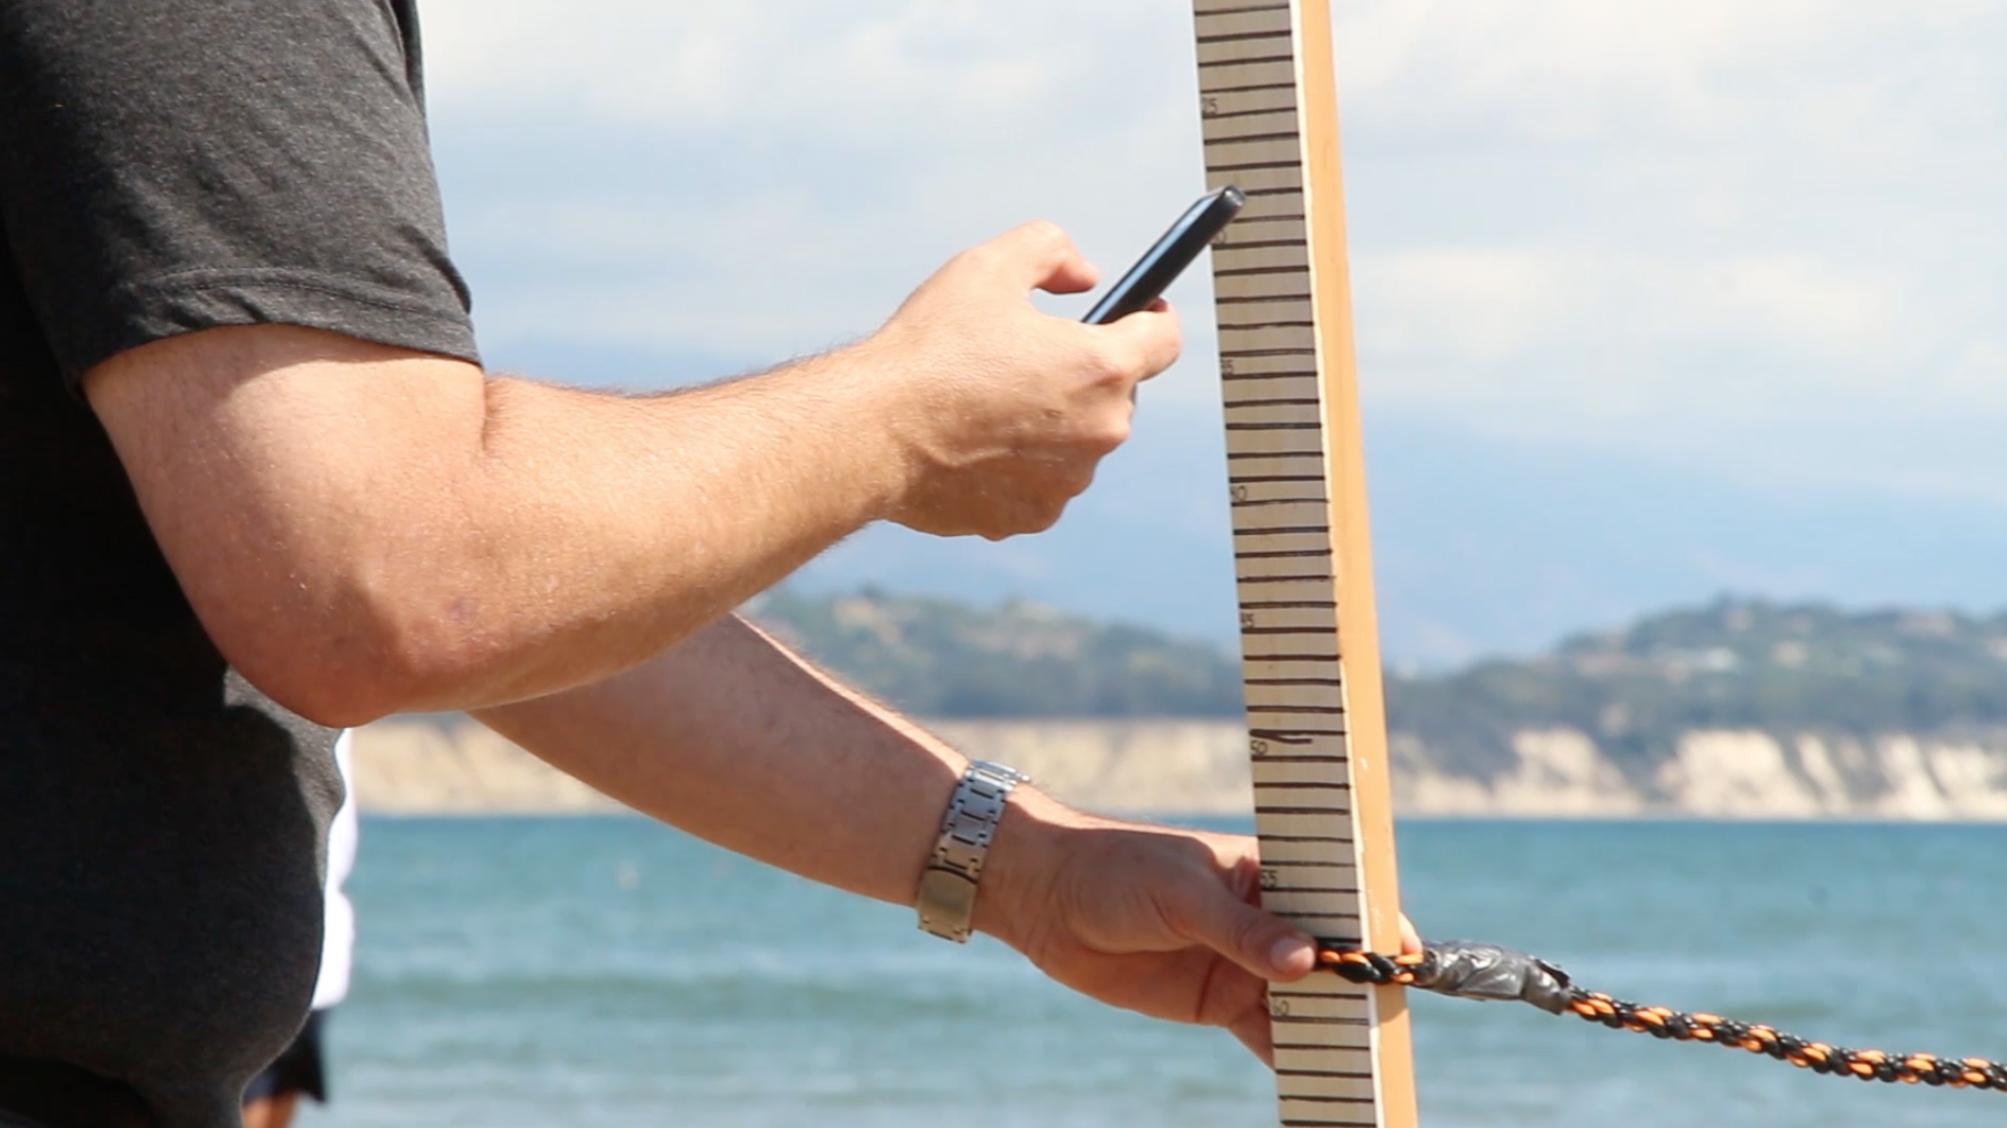 beach survey with phone